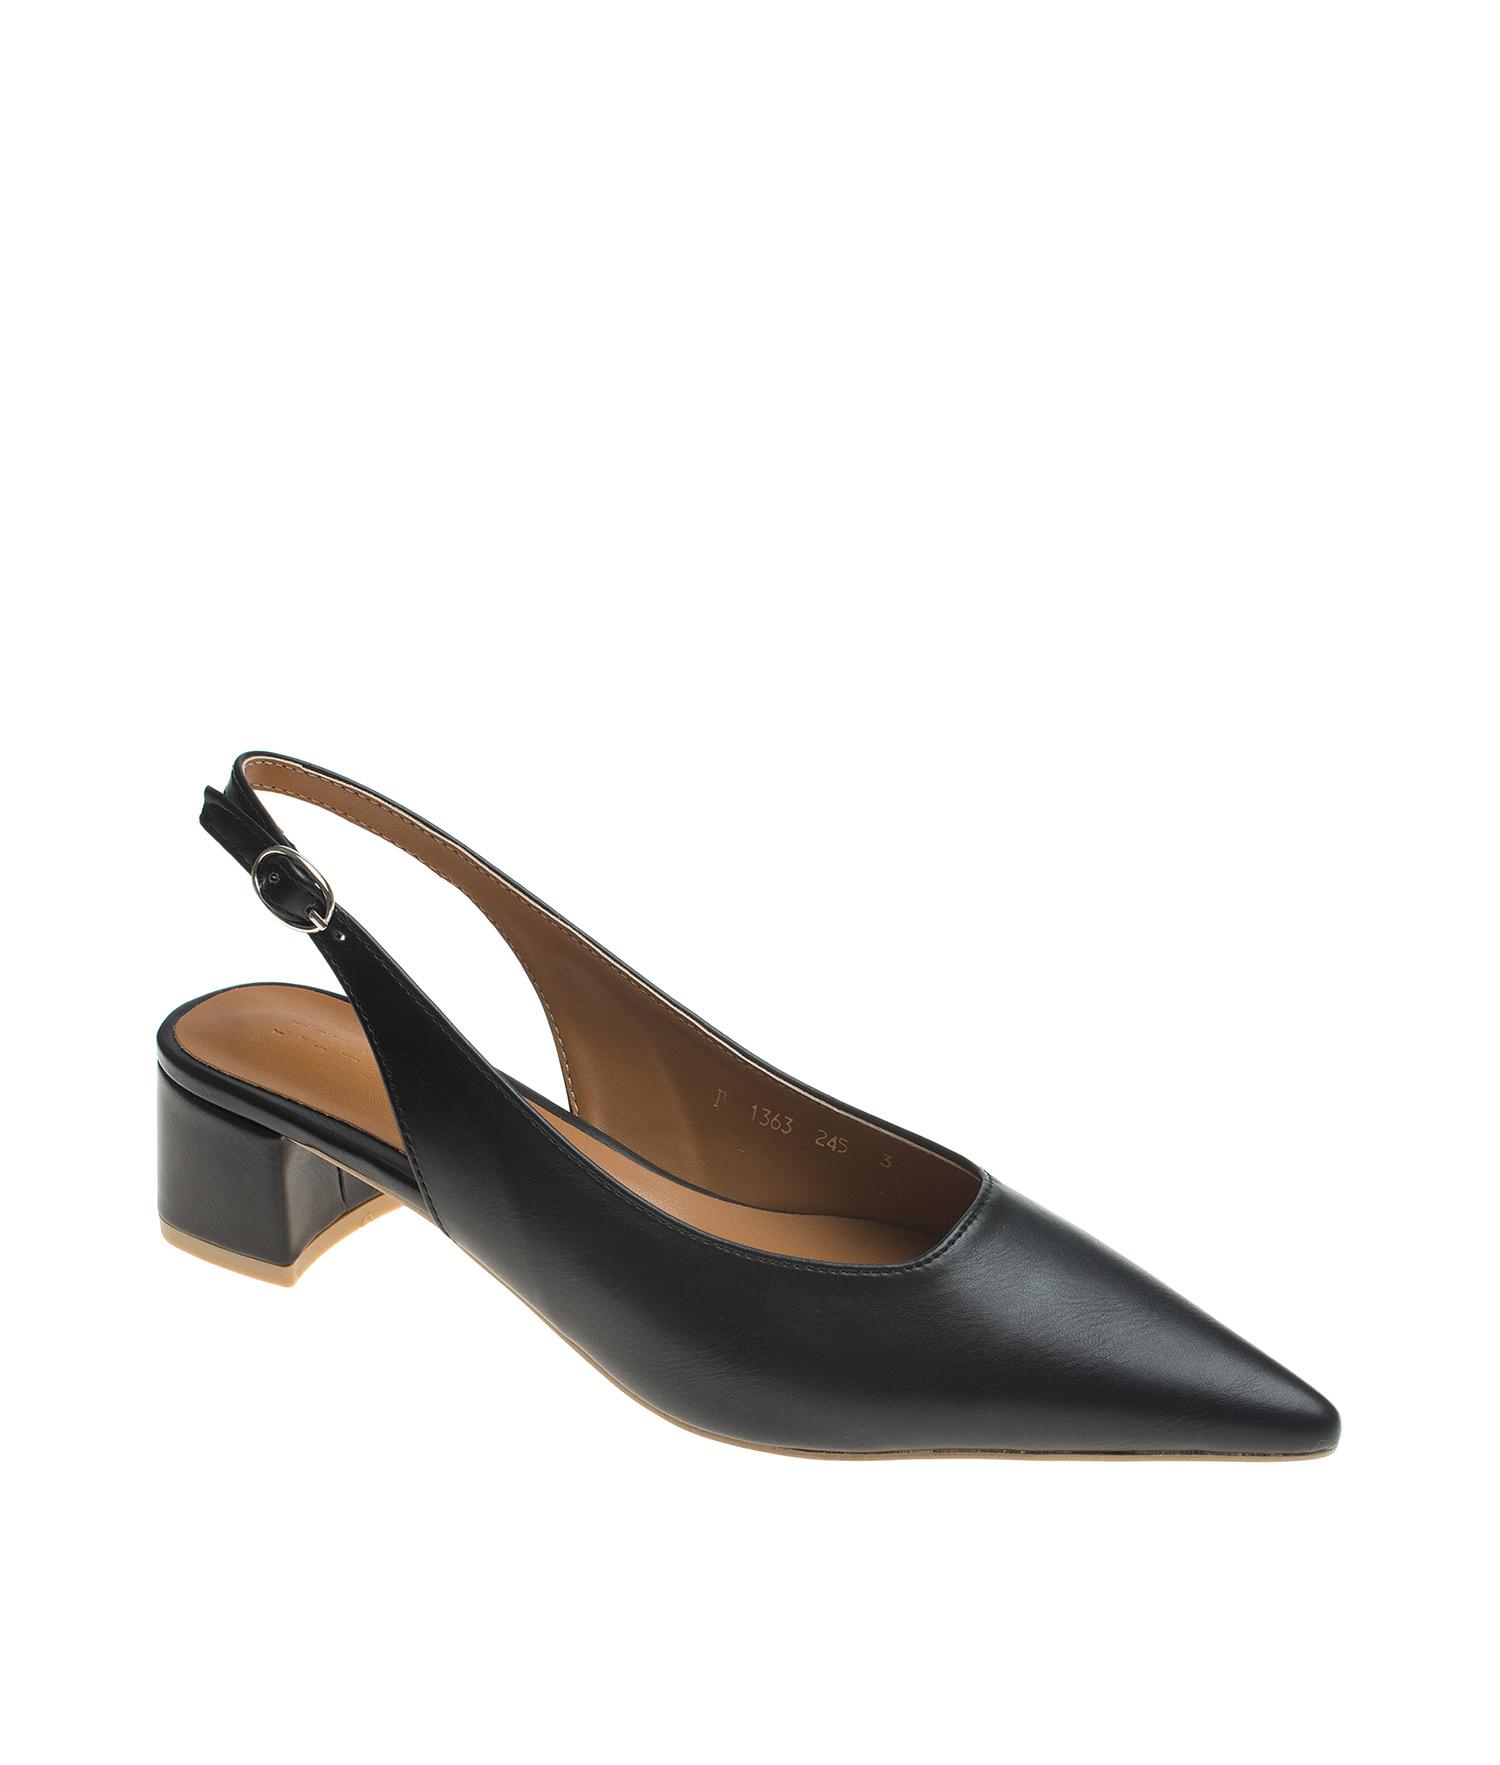 AnnaKastle Womens Pointed Toe Low Block Heel Slingbacks Black